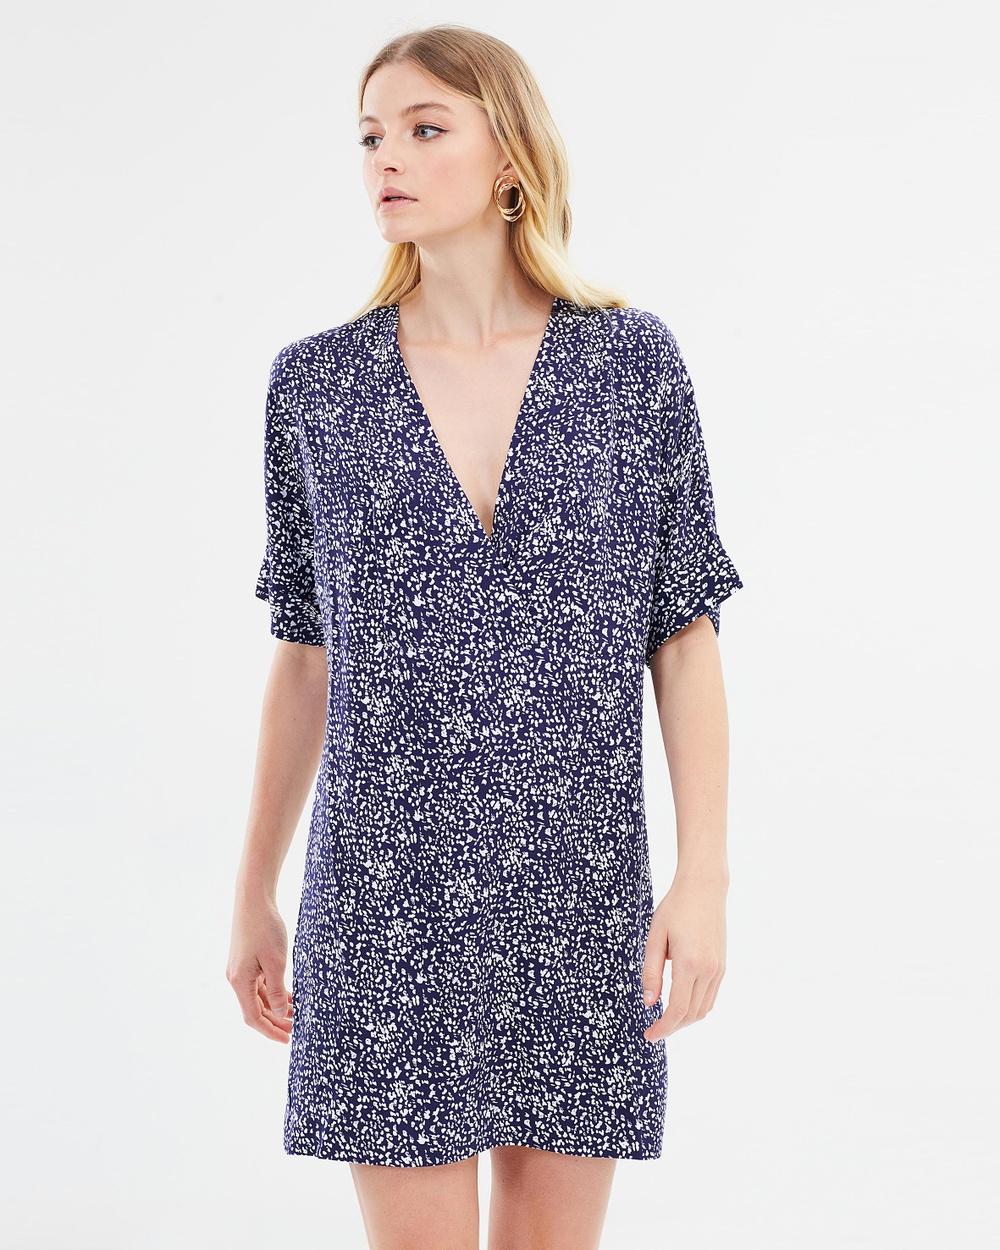 Warehouse Spiral Print Wrap Shift Dress Printed Dresses Navy Pattern Spiral Print Wrap Shift Dress